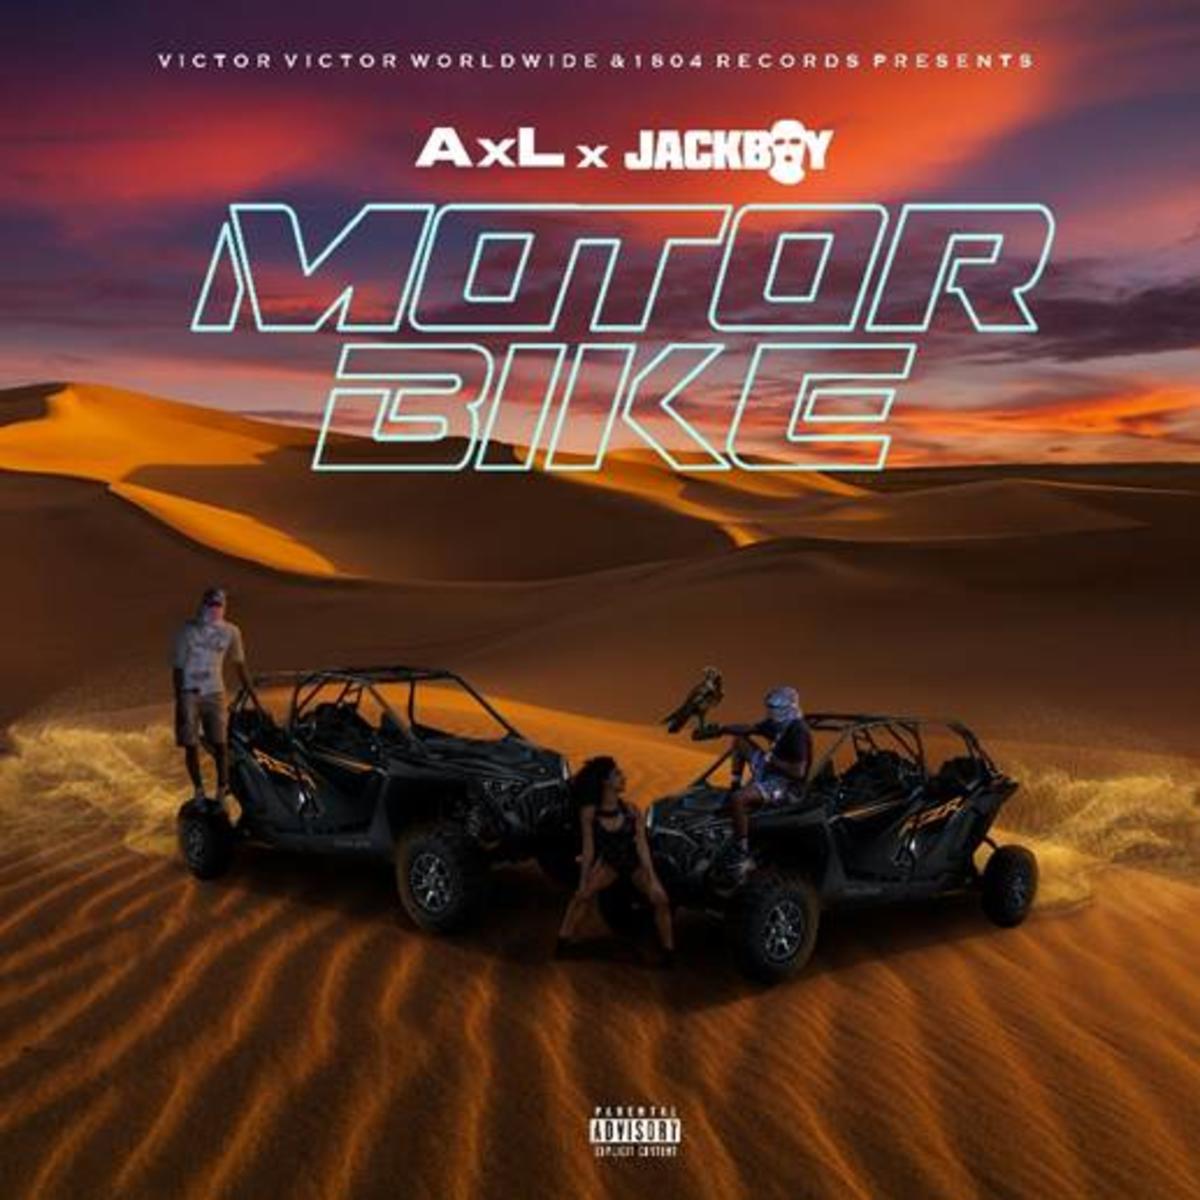 MP3: AxL - Motorbike Ft. JackBoy